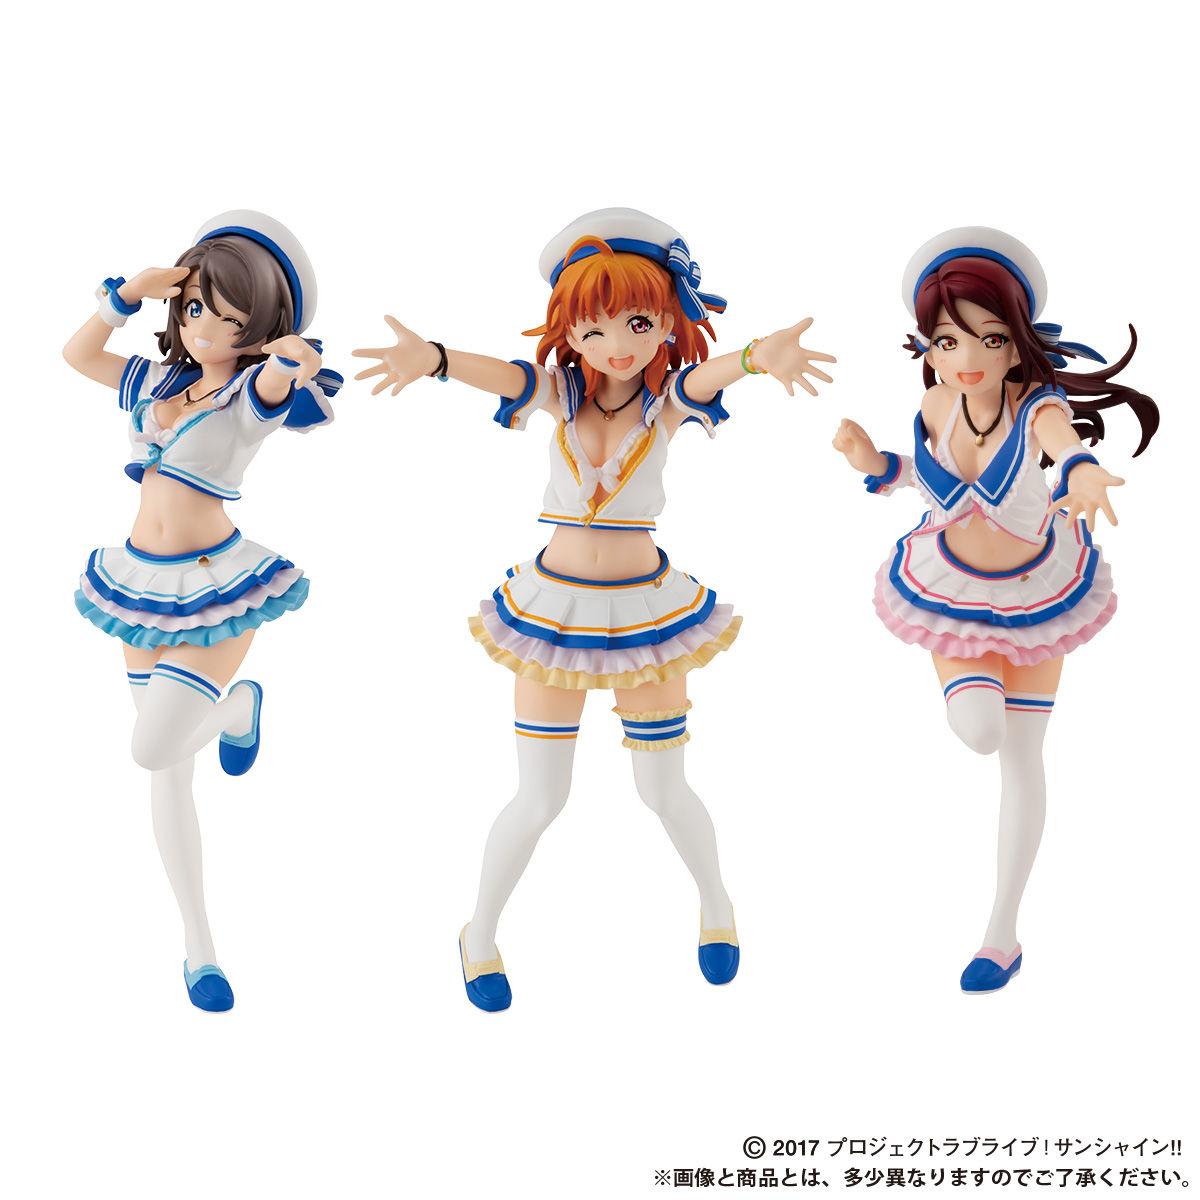 【限定販売】Gasha Portraits『ラブライブ!サンシャイン!! ~Special SET1~』3体セット-002